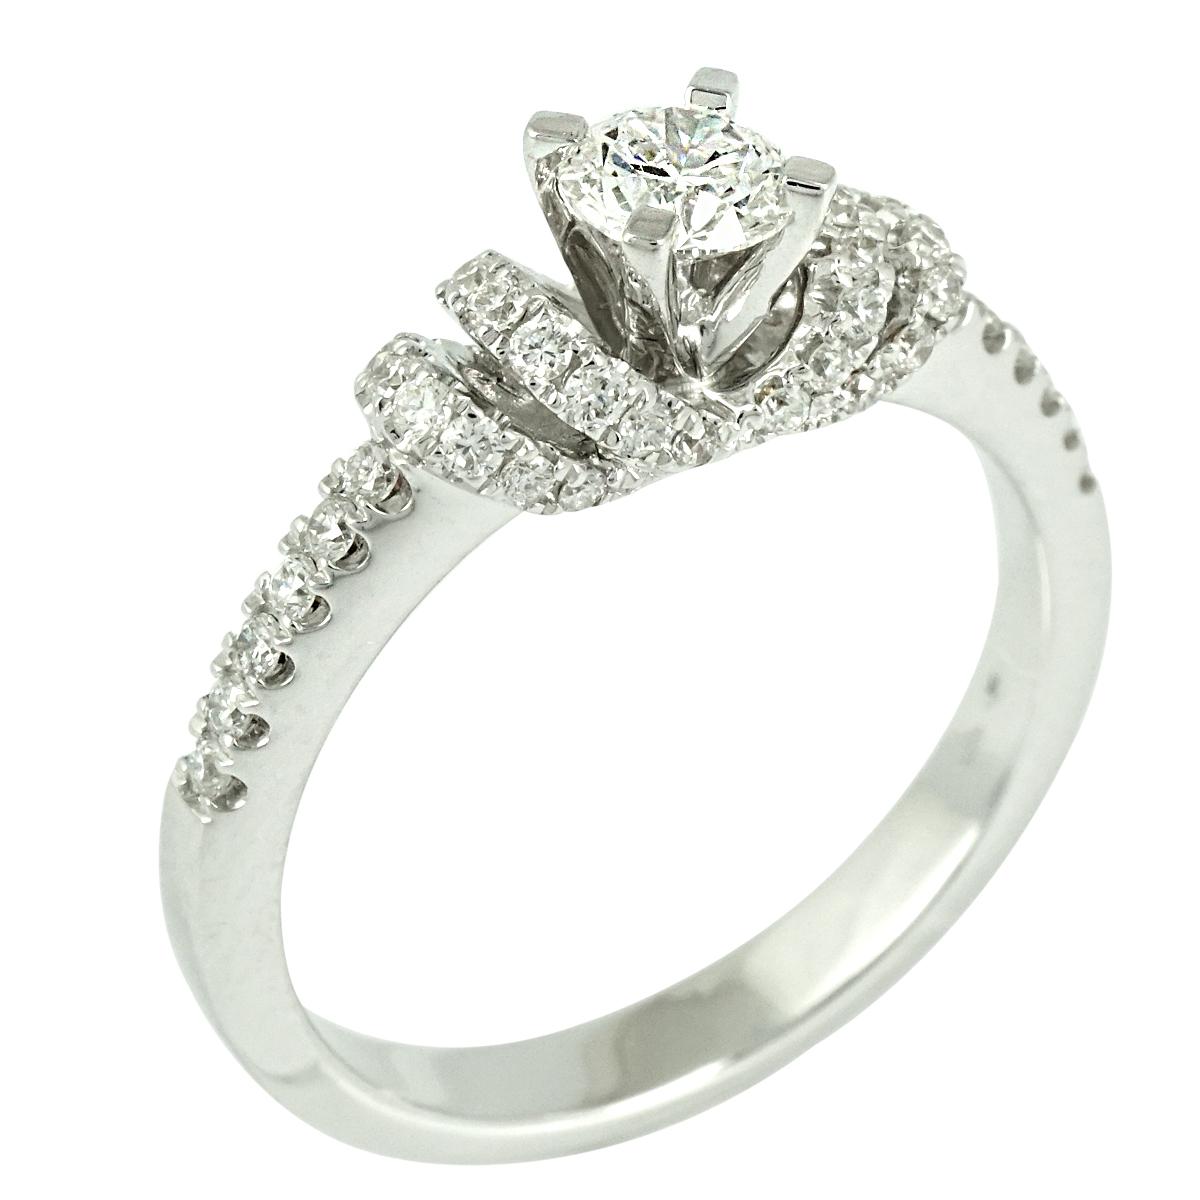 Μονόπετρο Δαχτυλίδι K18 με Διαμάντια Brilliant DDX101